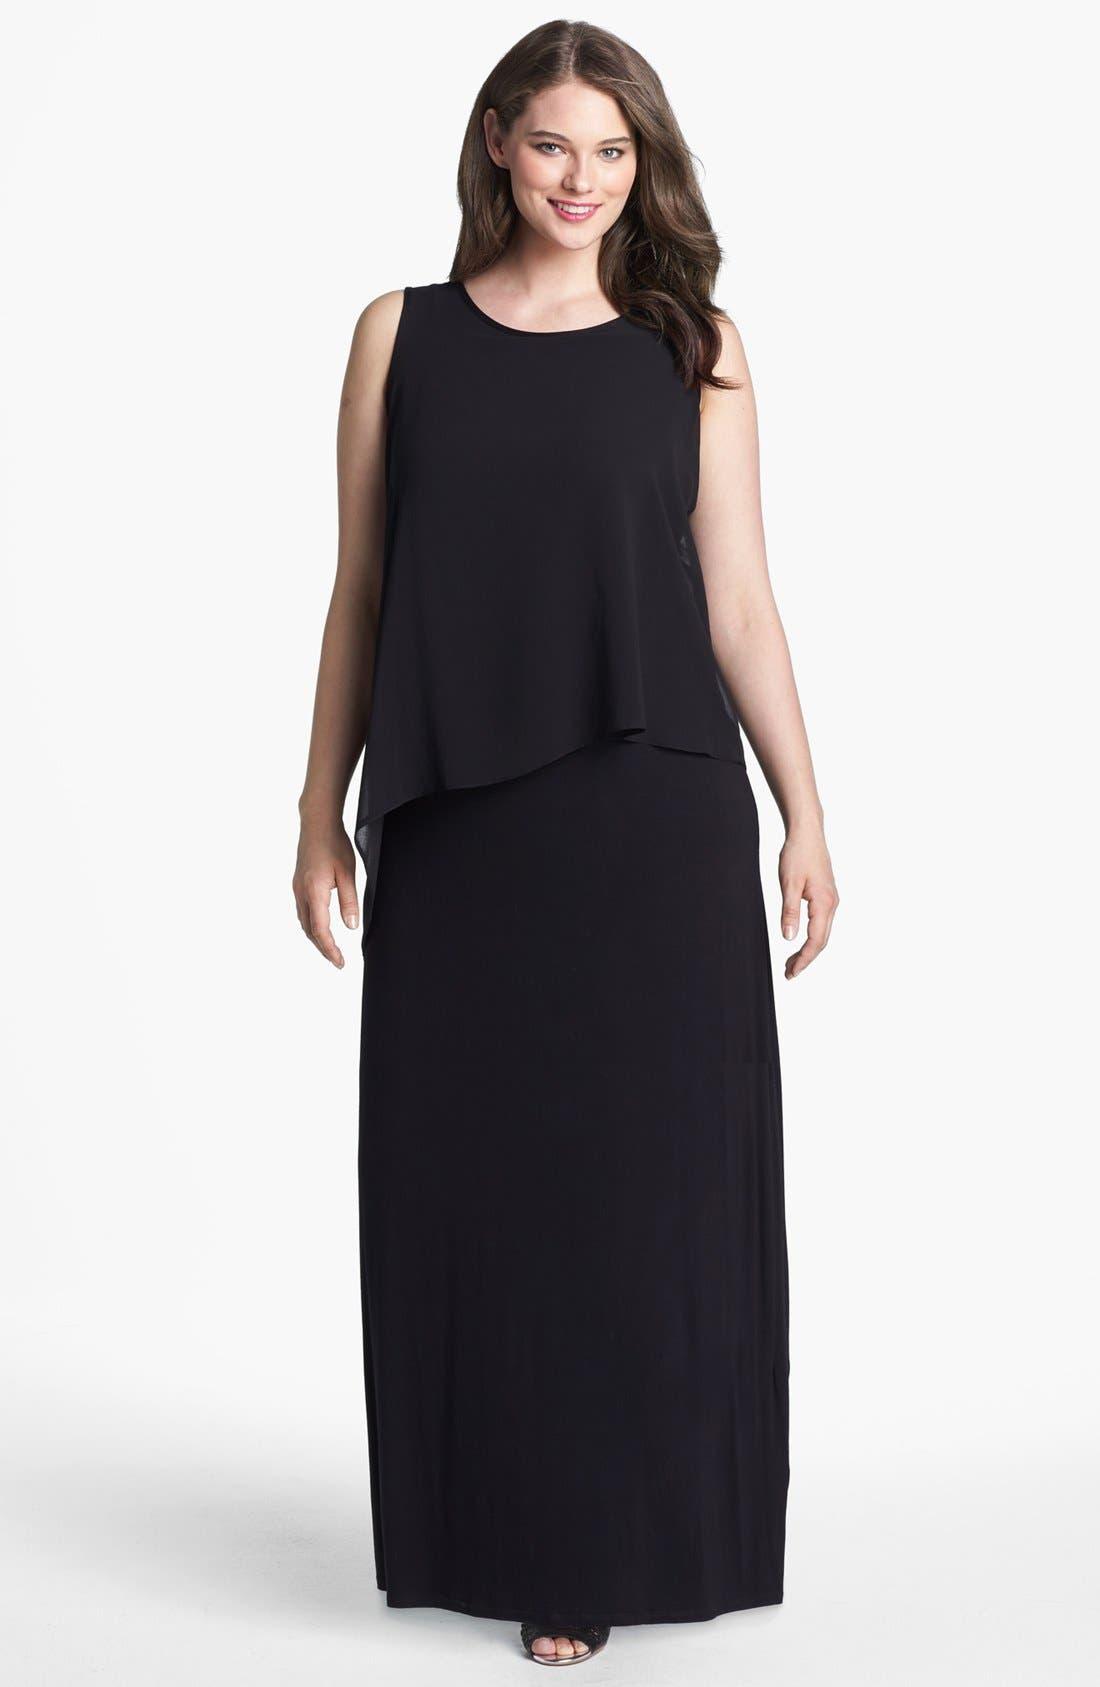 Main Image - Evans Overlay Bodice Maxi Dress (Plus Size)